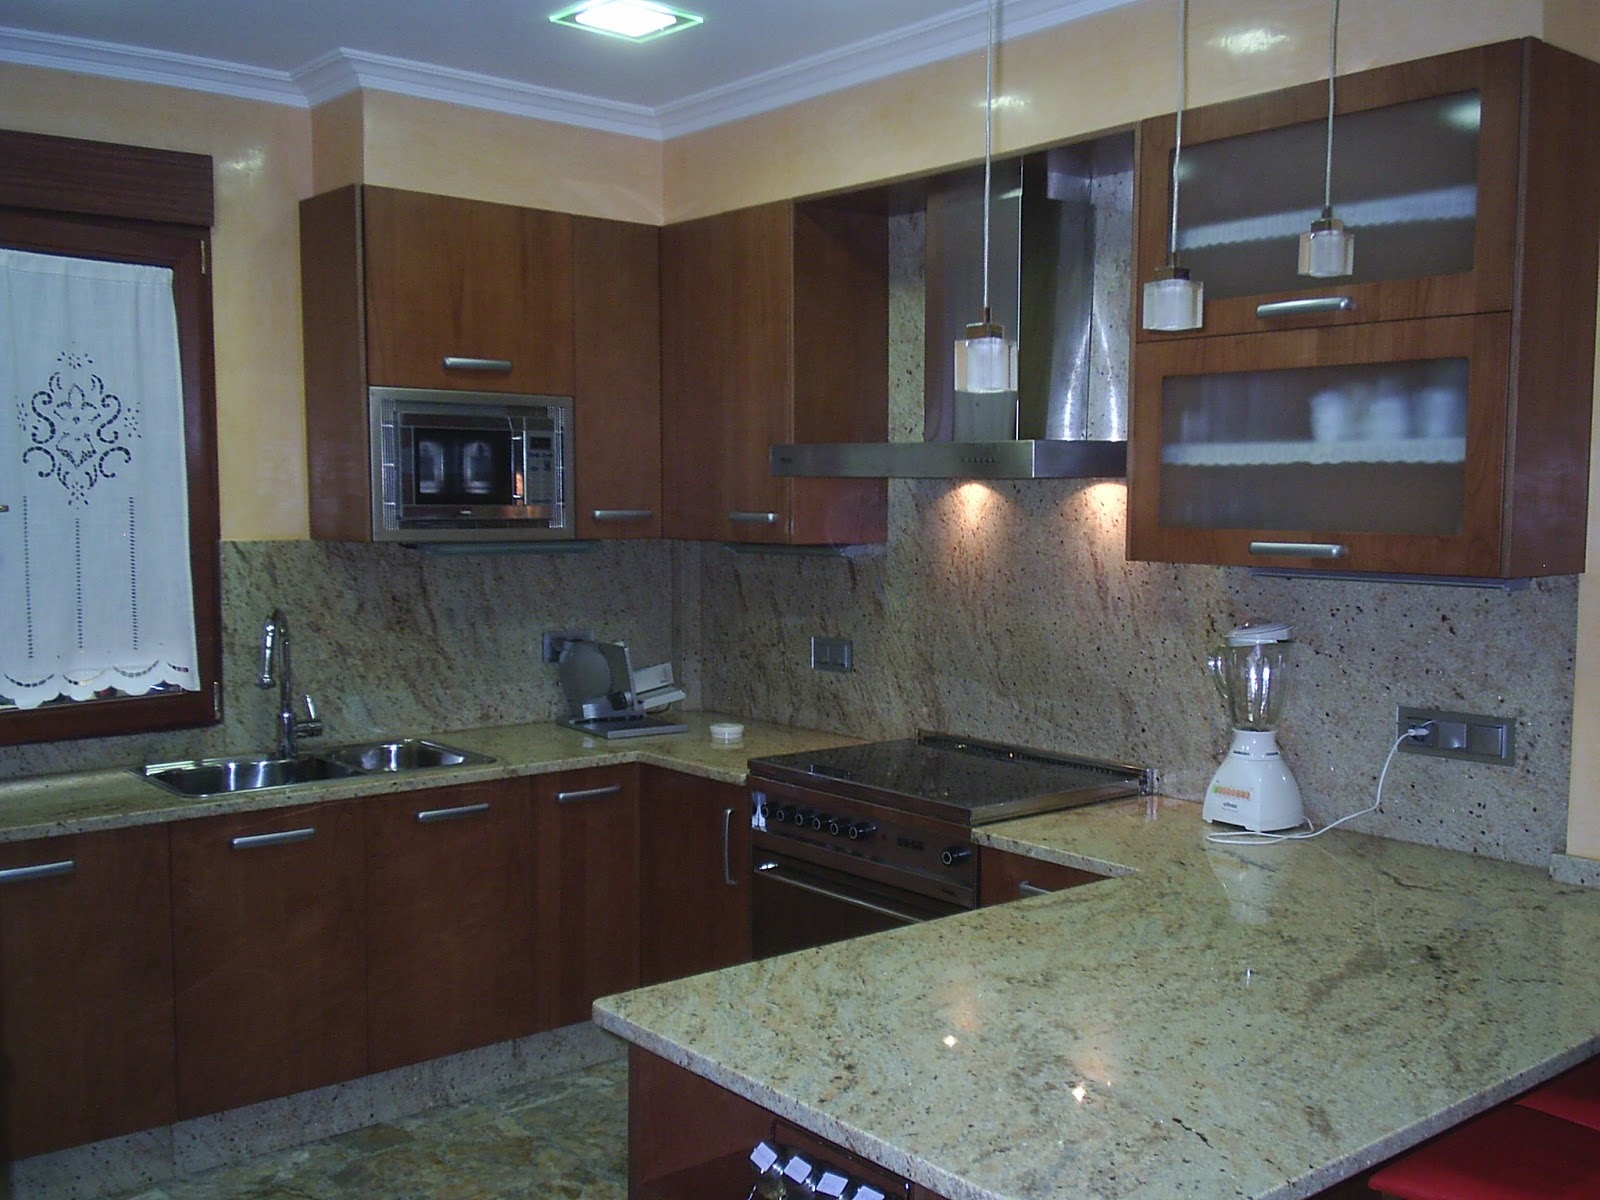 Sansu cocinas y carpinteria cocina en color cerezo - Encimeras de granito colores ...